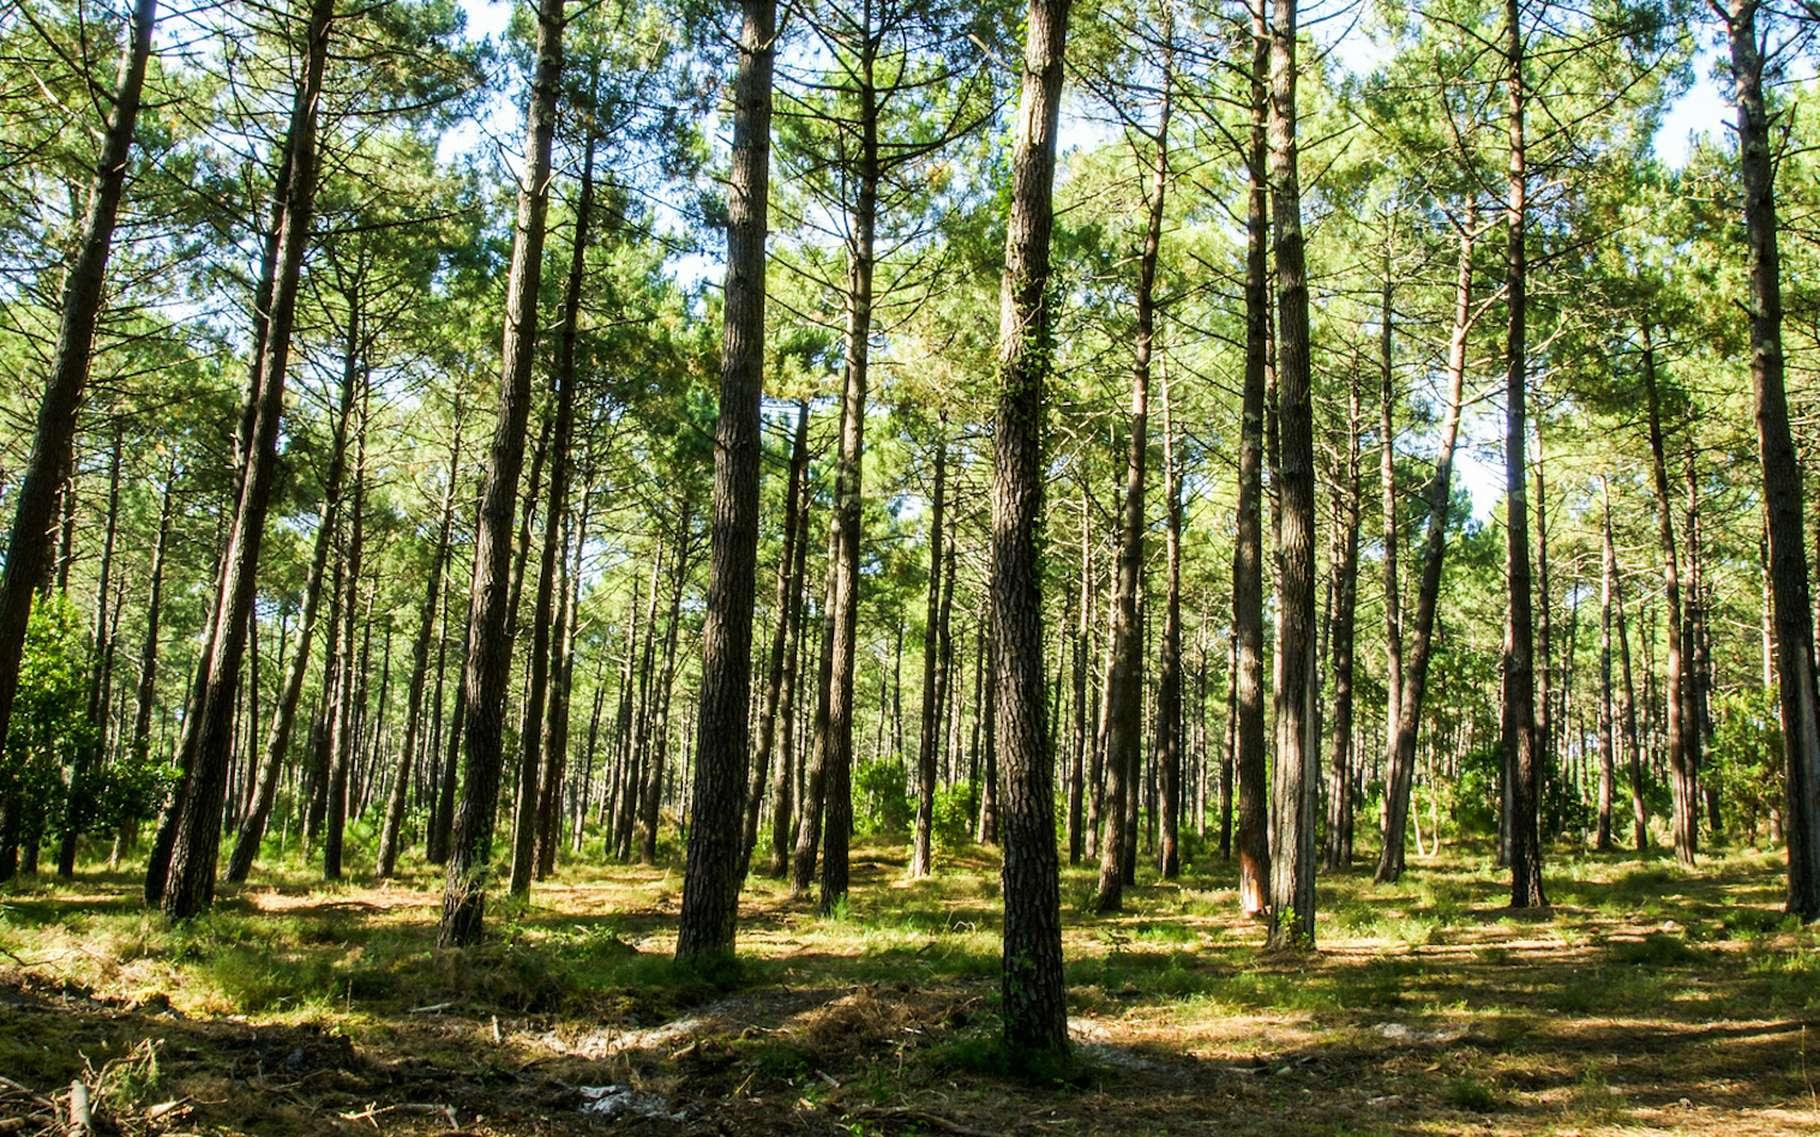 Le massif des Landes est la plus grande forêt artificielle d'Europe et couvre 65 % du département des Landes. © Pictures News, Fotolia